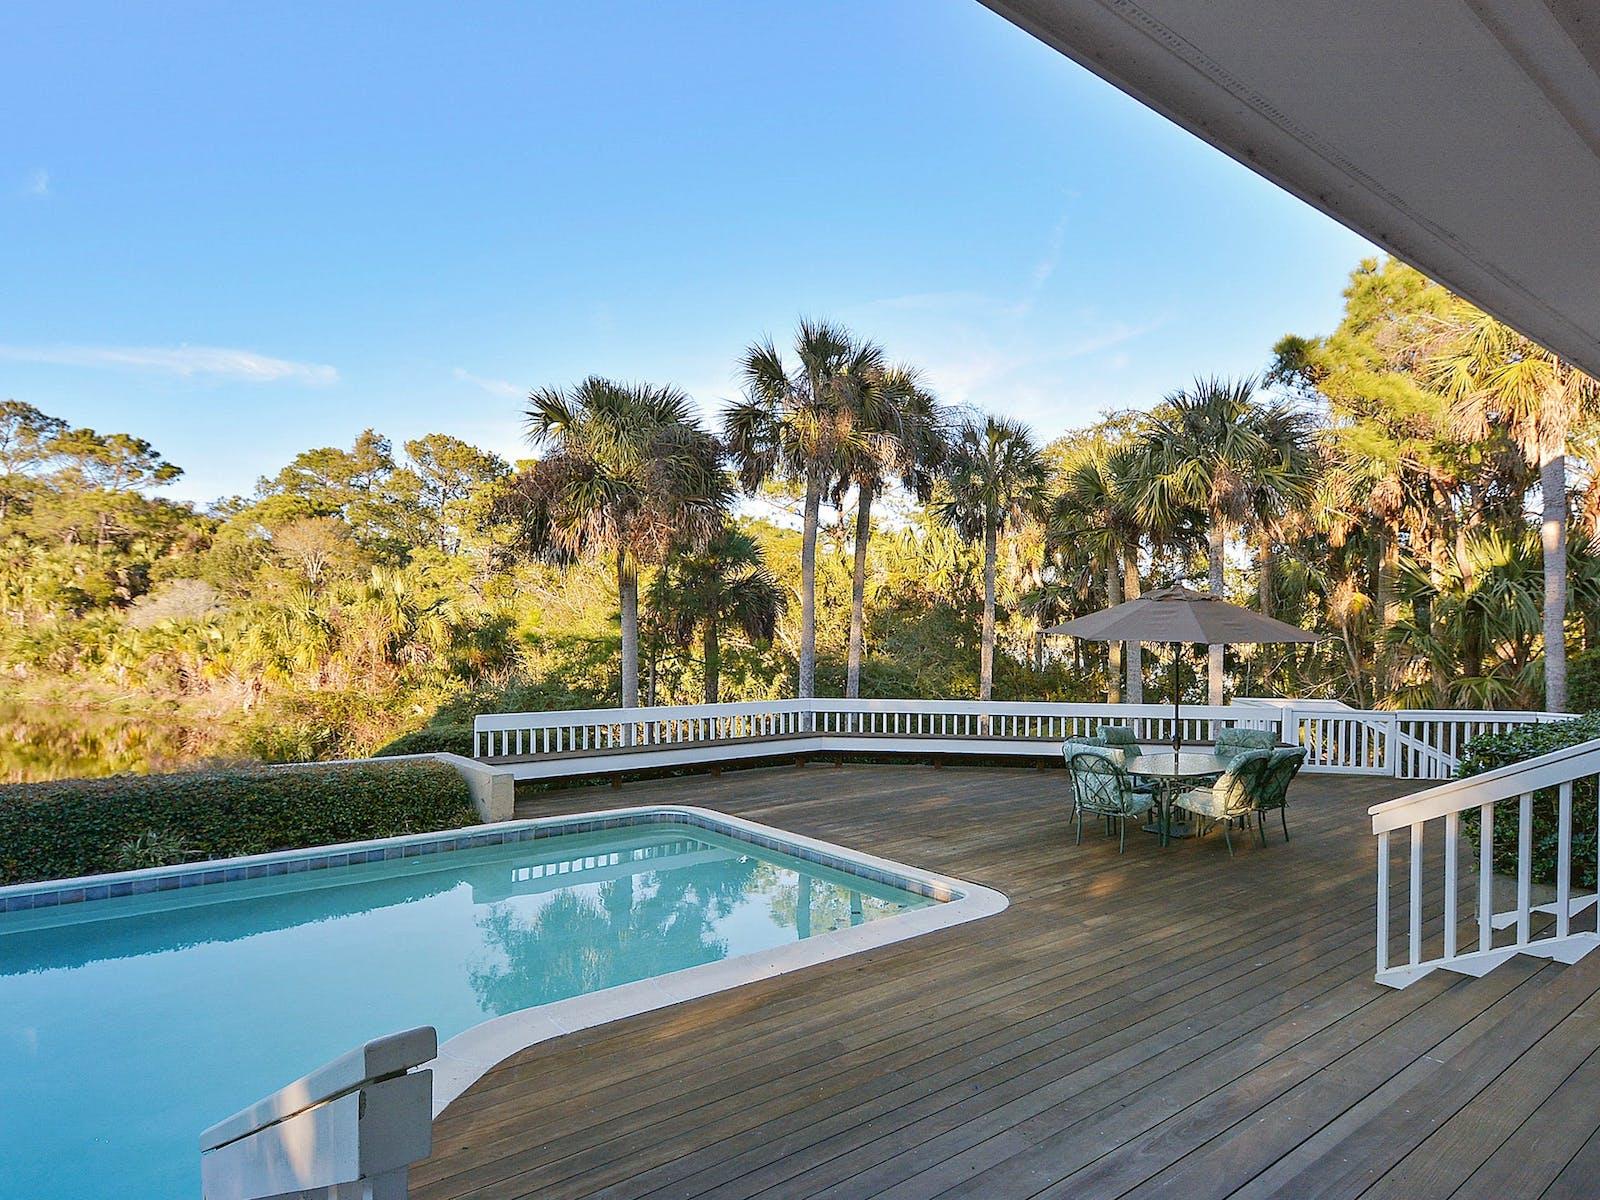 Snowbird Rentals | Monthly Vacation Rentals, Condos & Homes